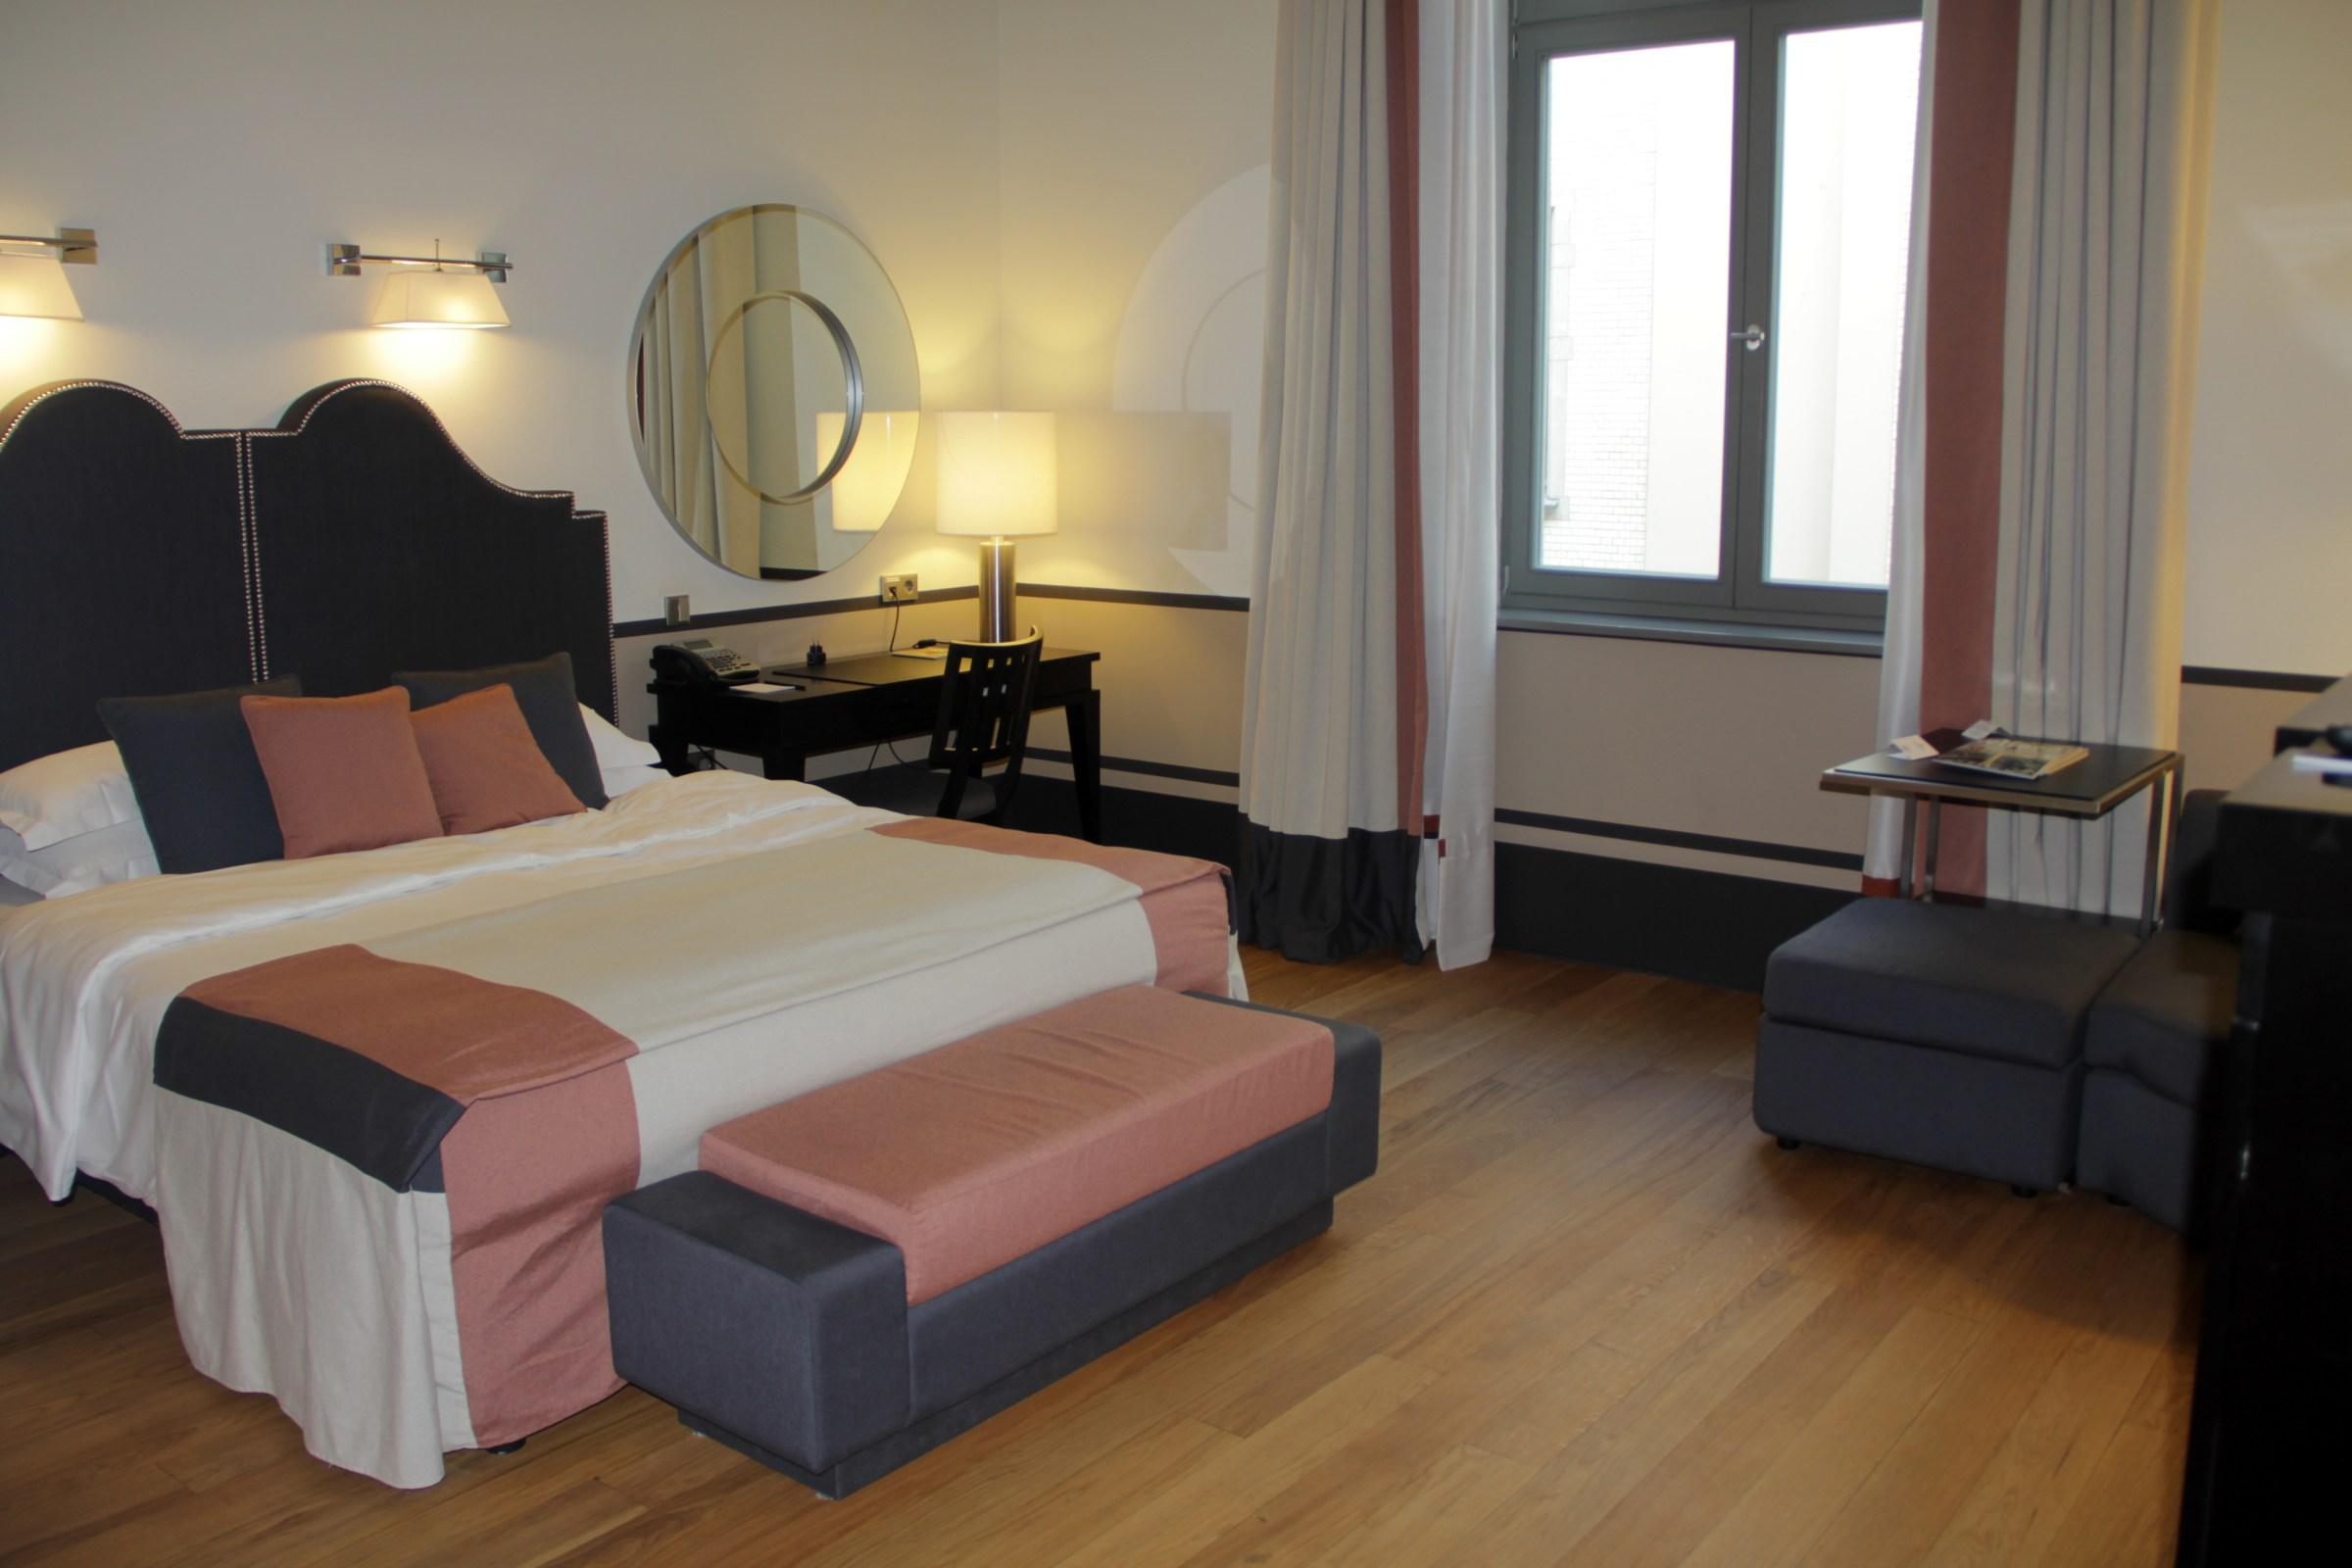 Hotel de Rome Berlin Deluxe Room